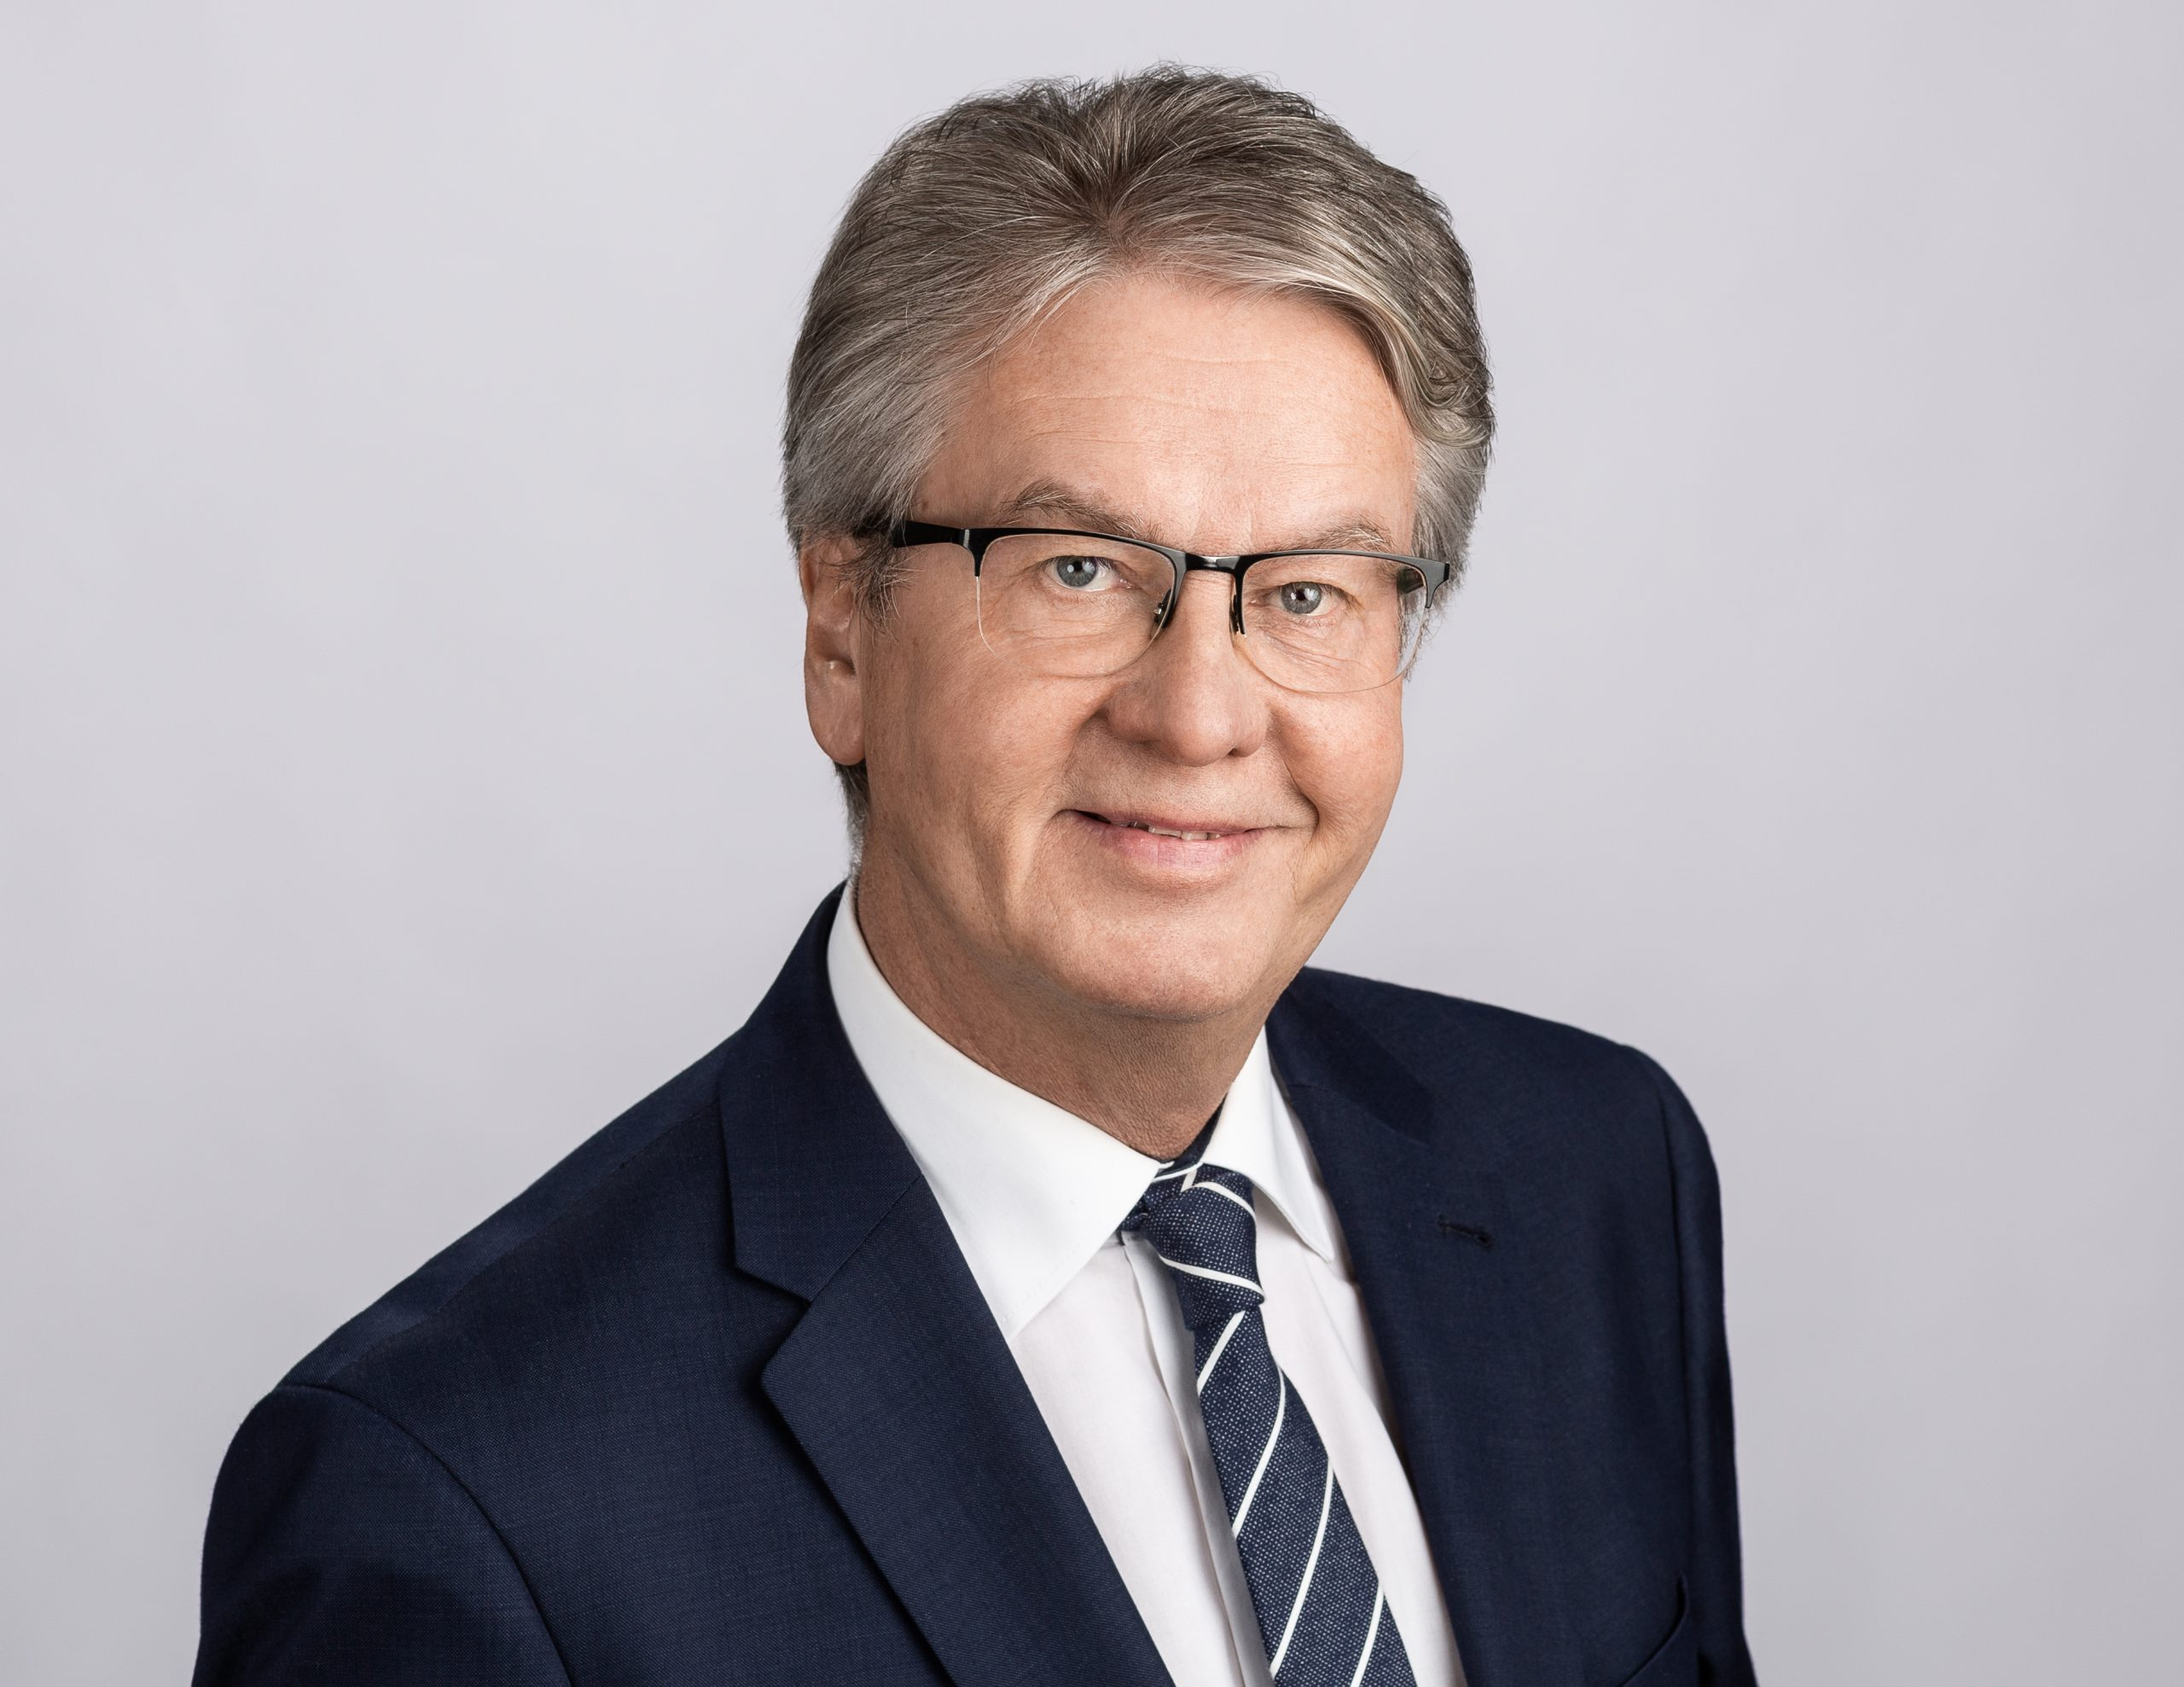 Rainer Thielmann